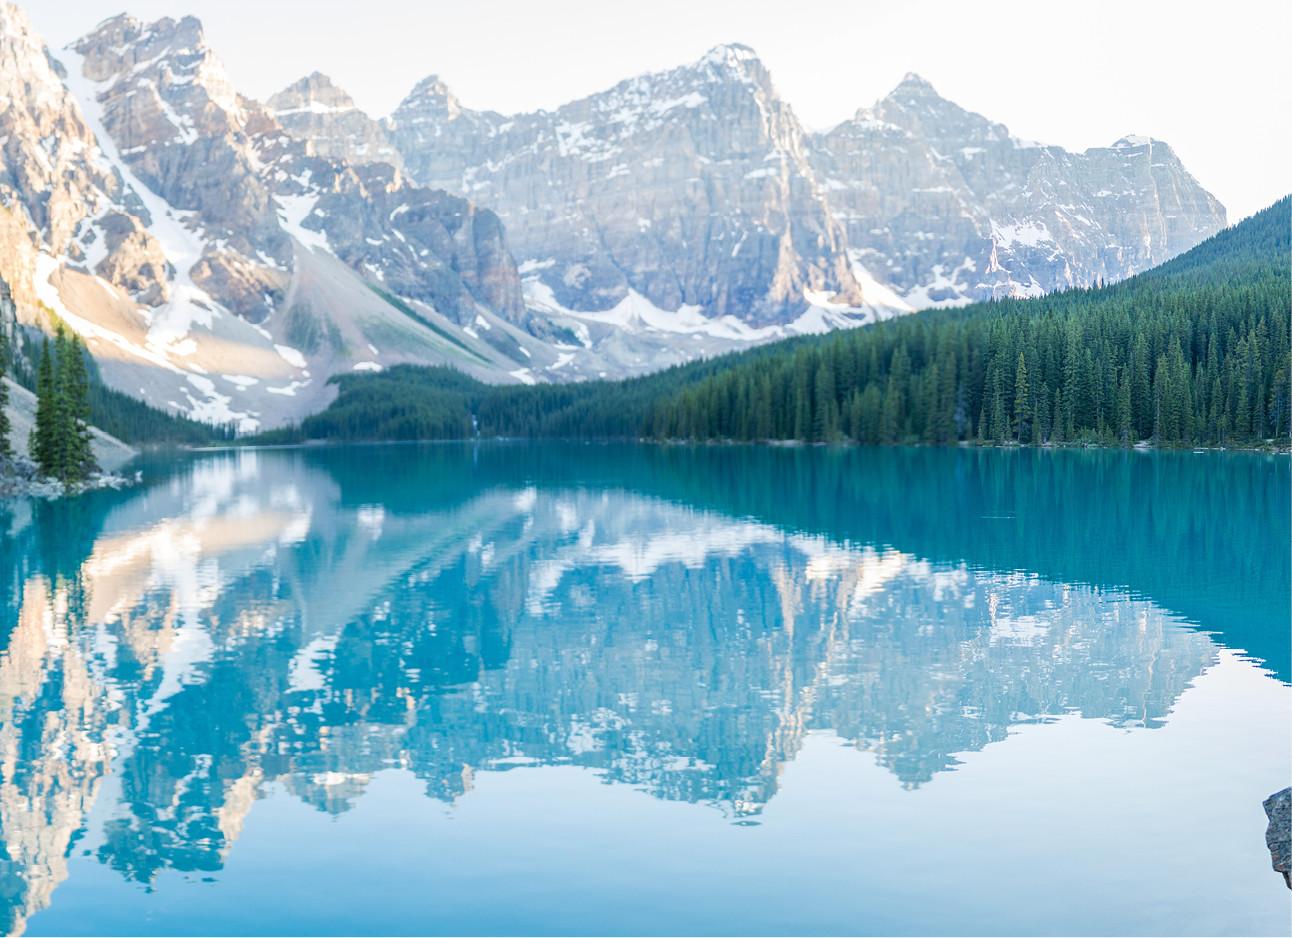 Moraine Lake in Canada een blauw meer met witte bergen en groene bomen